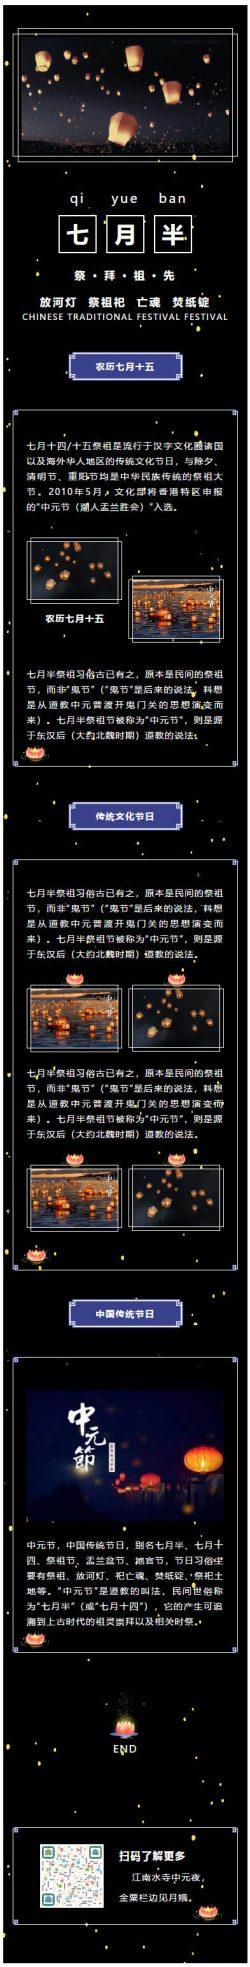 中元节七月半祭祖鬼节微信模板中国传统节日动态背景图孔明灯